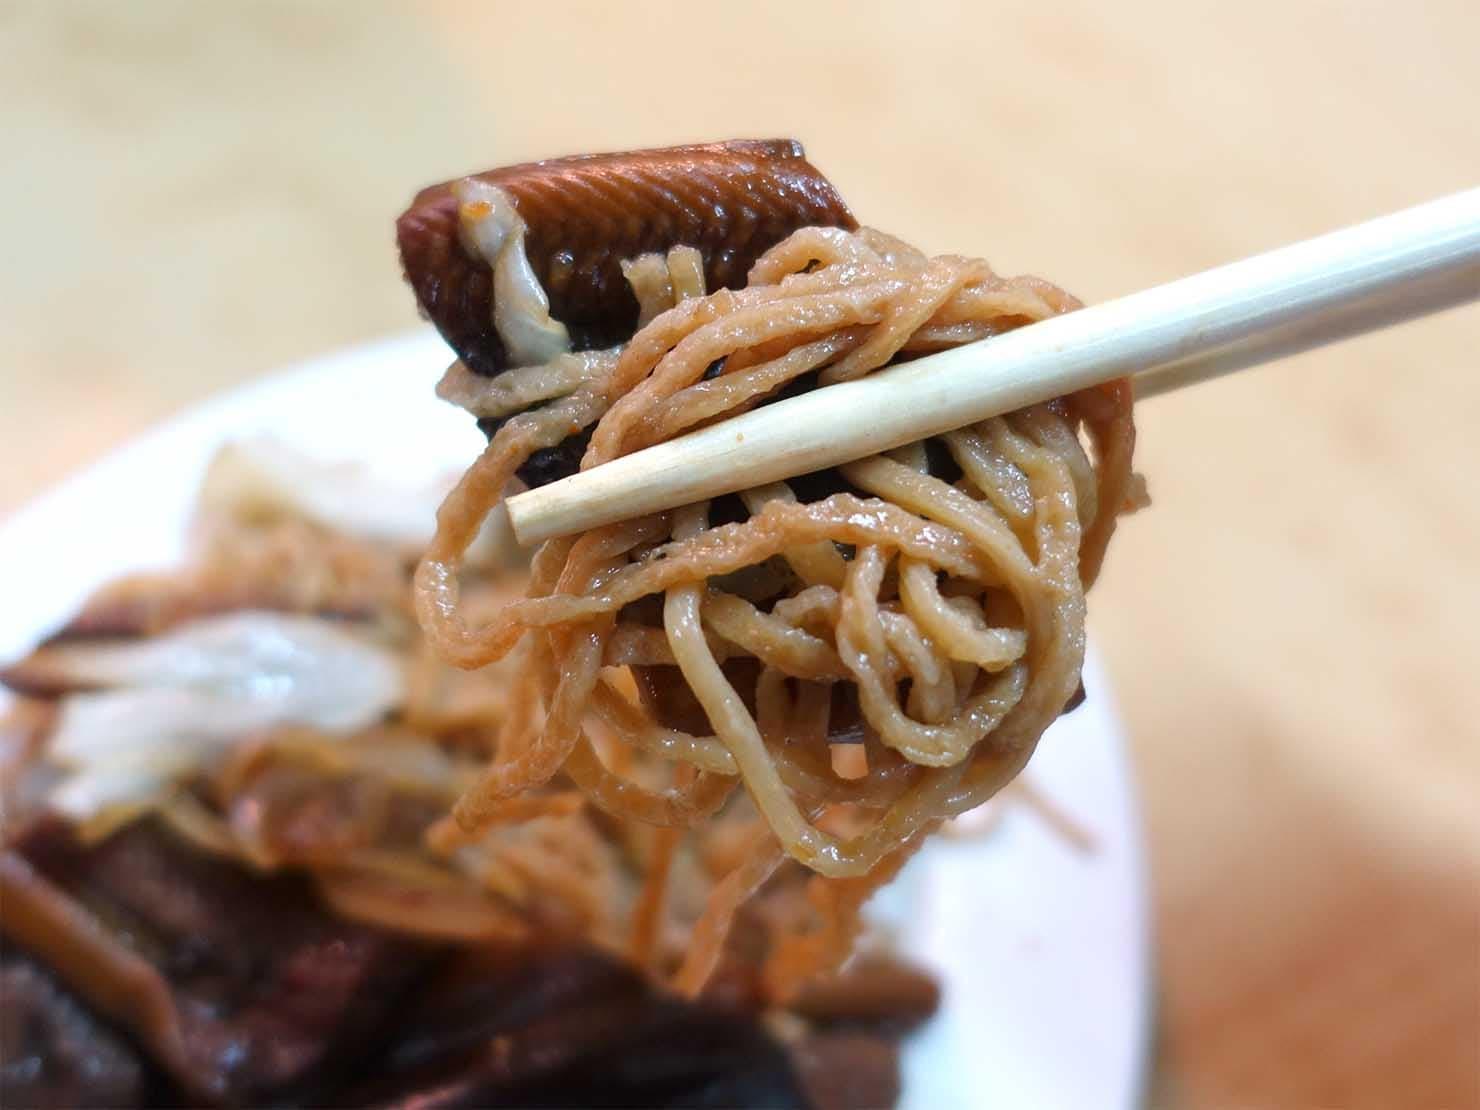 台南・永樂市場(國華街)のおすすめ台湾グルメ店「黃記鱔魚意麵」の乾炒鱔魚意麵クローズアップ